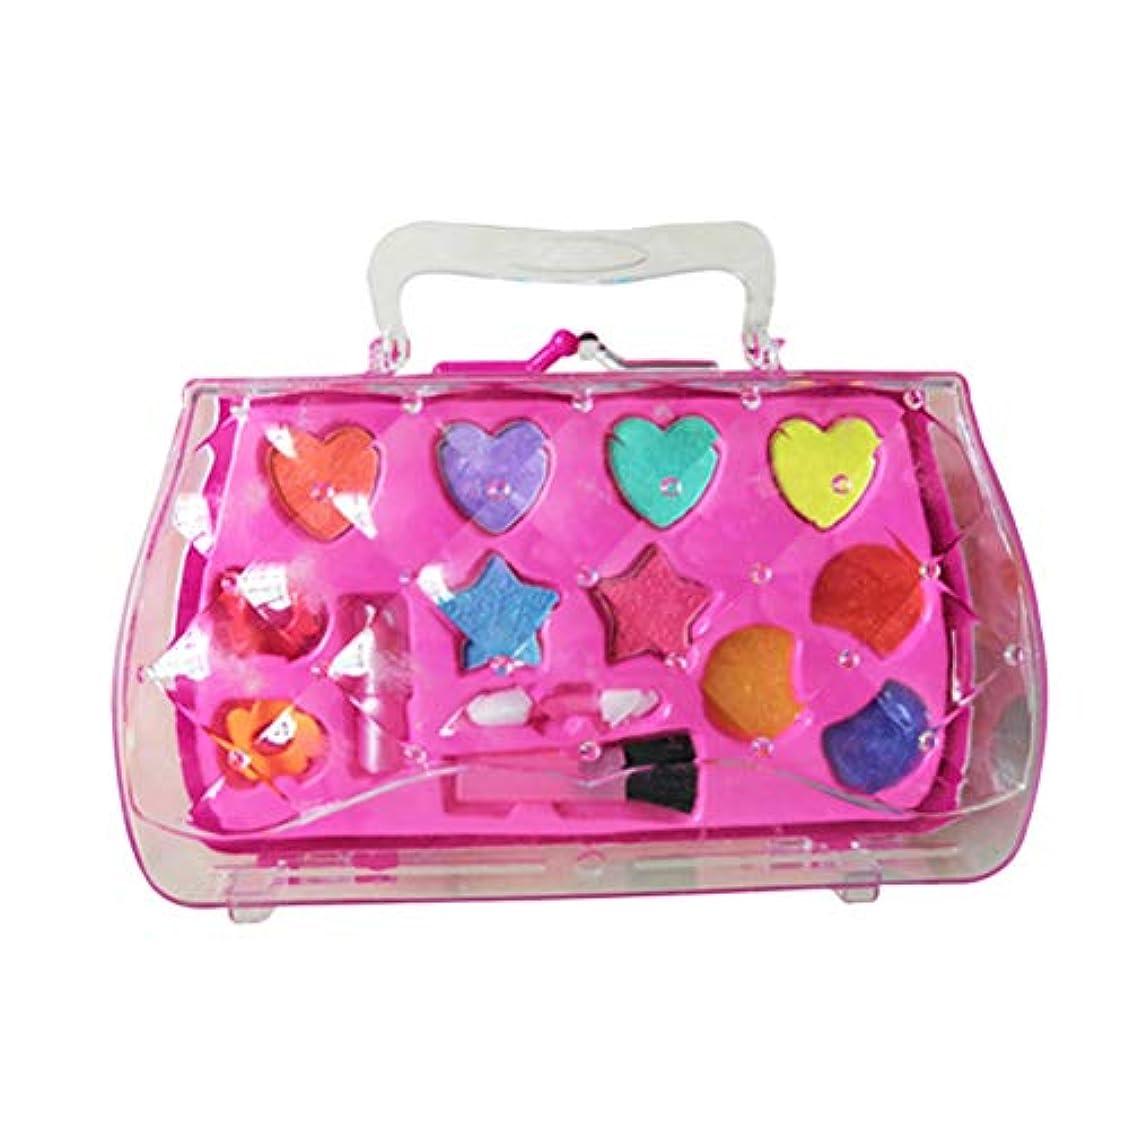 命令的詩東方Toyvian 女の子はおもちゃのセットを作る化粧品キットの口紅アイシャドーブラシ子供のためのおもちゃを作る女の子(ピンク)